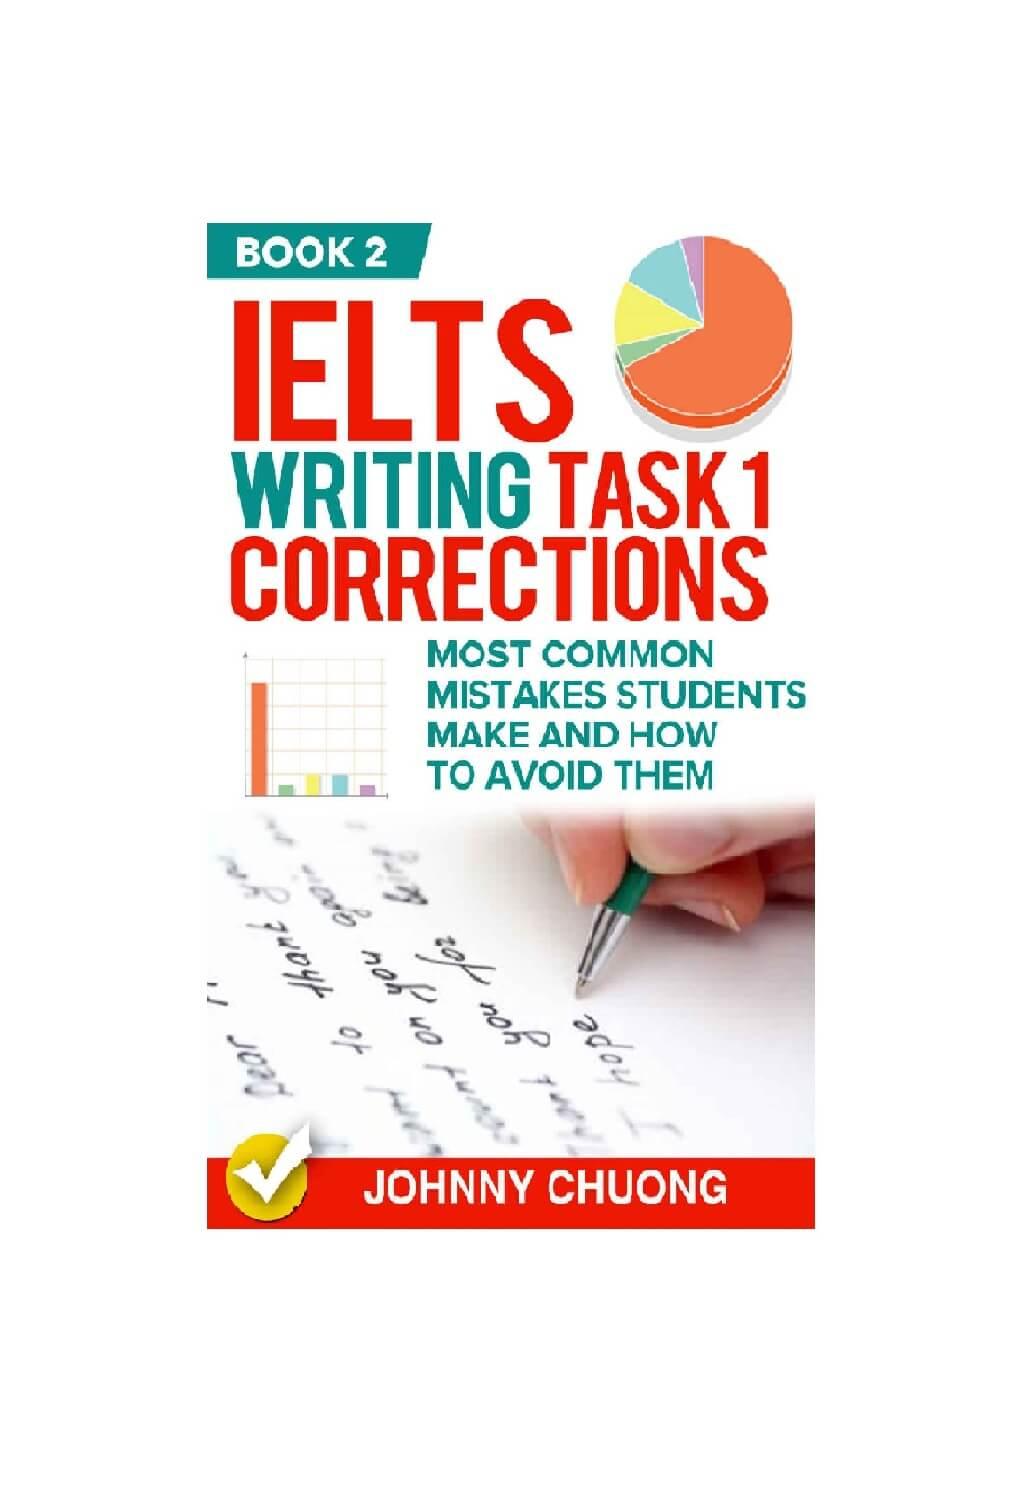 Ielta writing task 1 - نمونه رایتینگ آیلتس تسک دو و یک